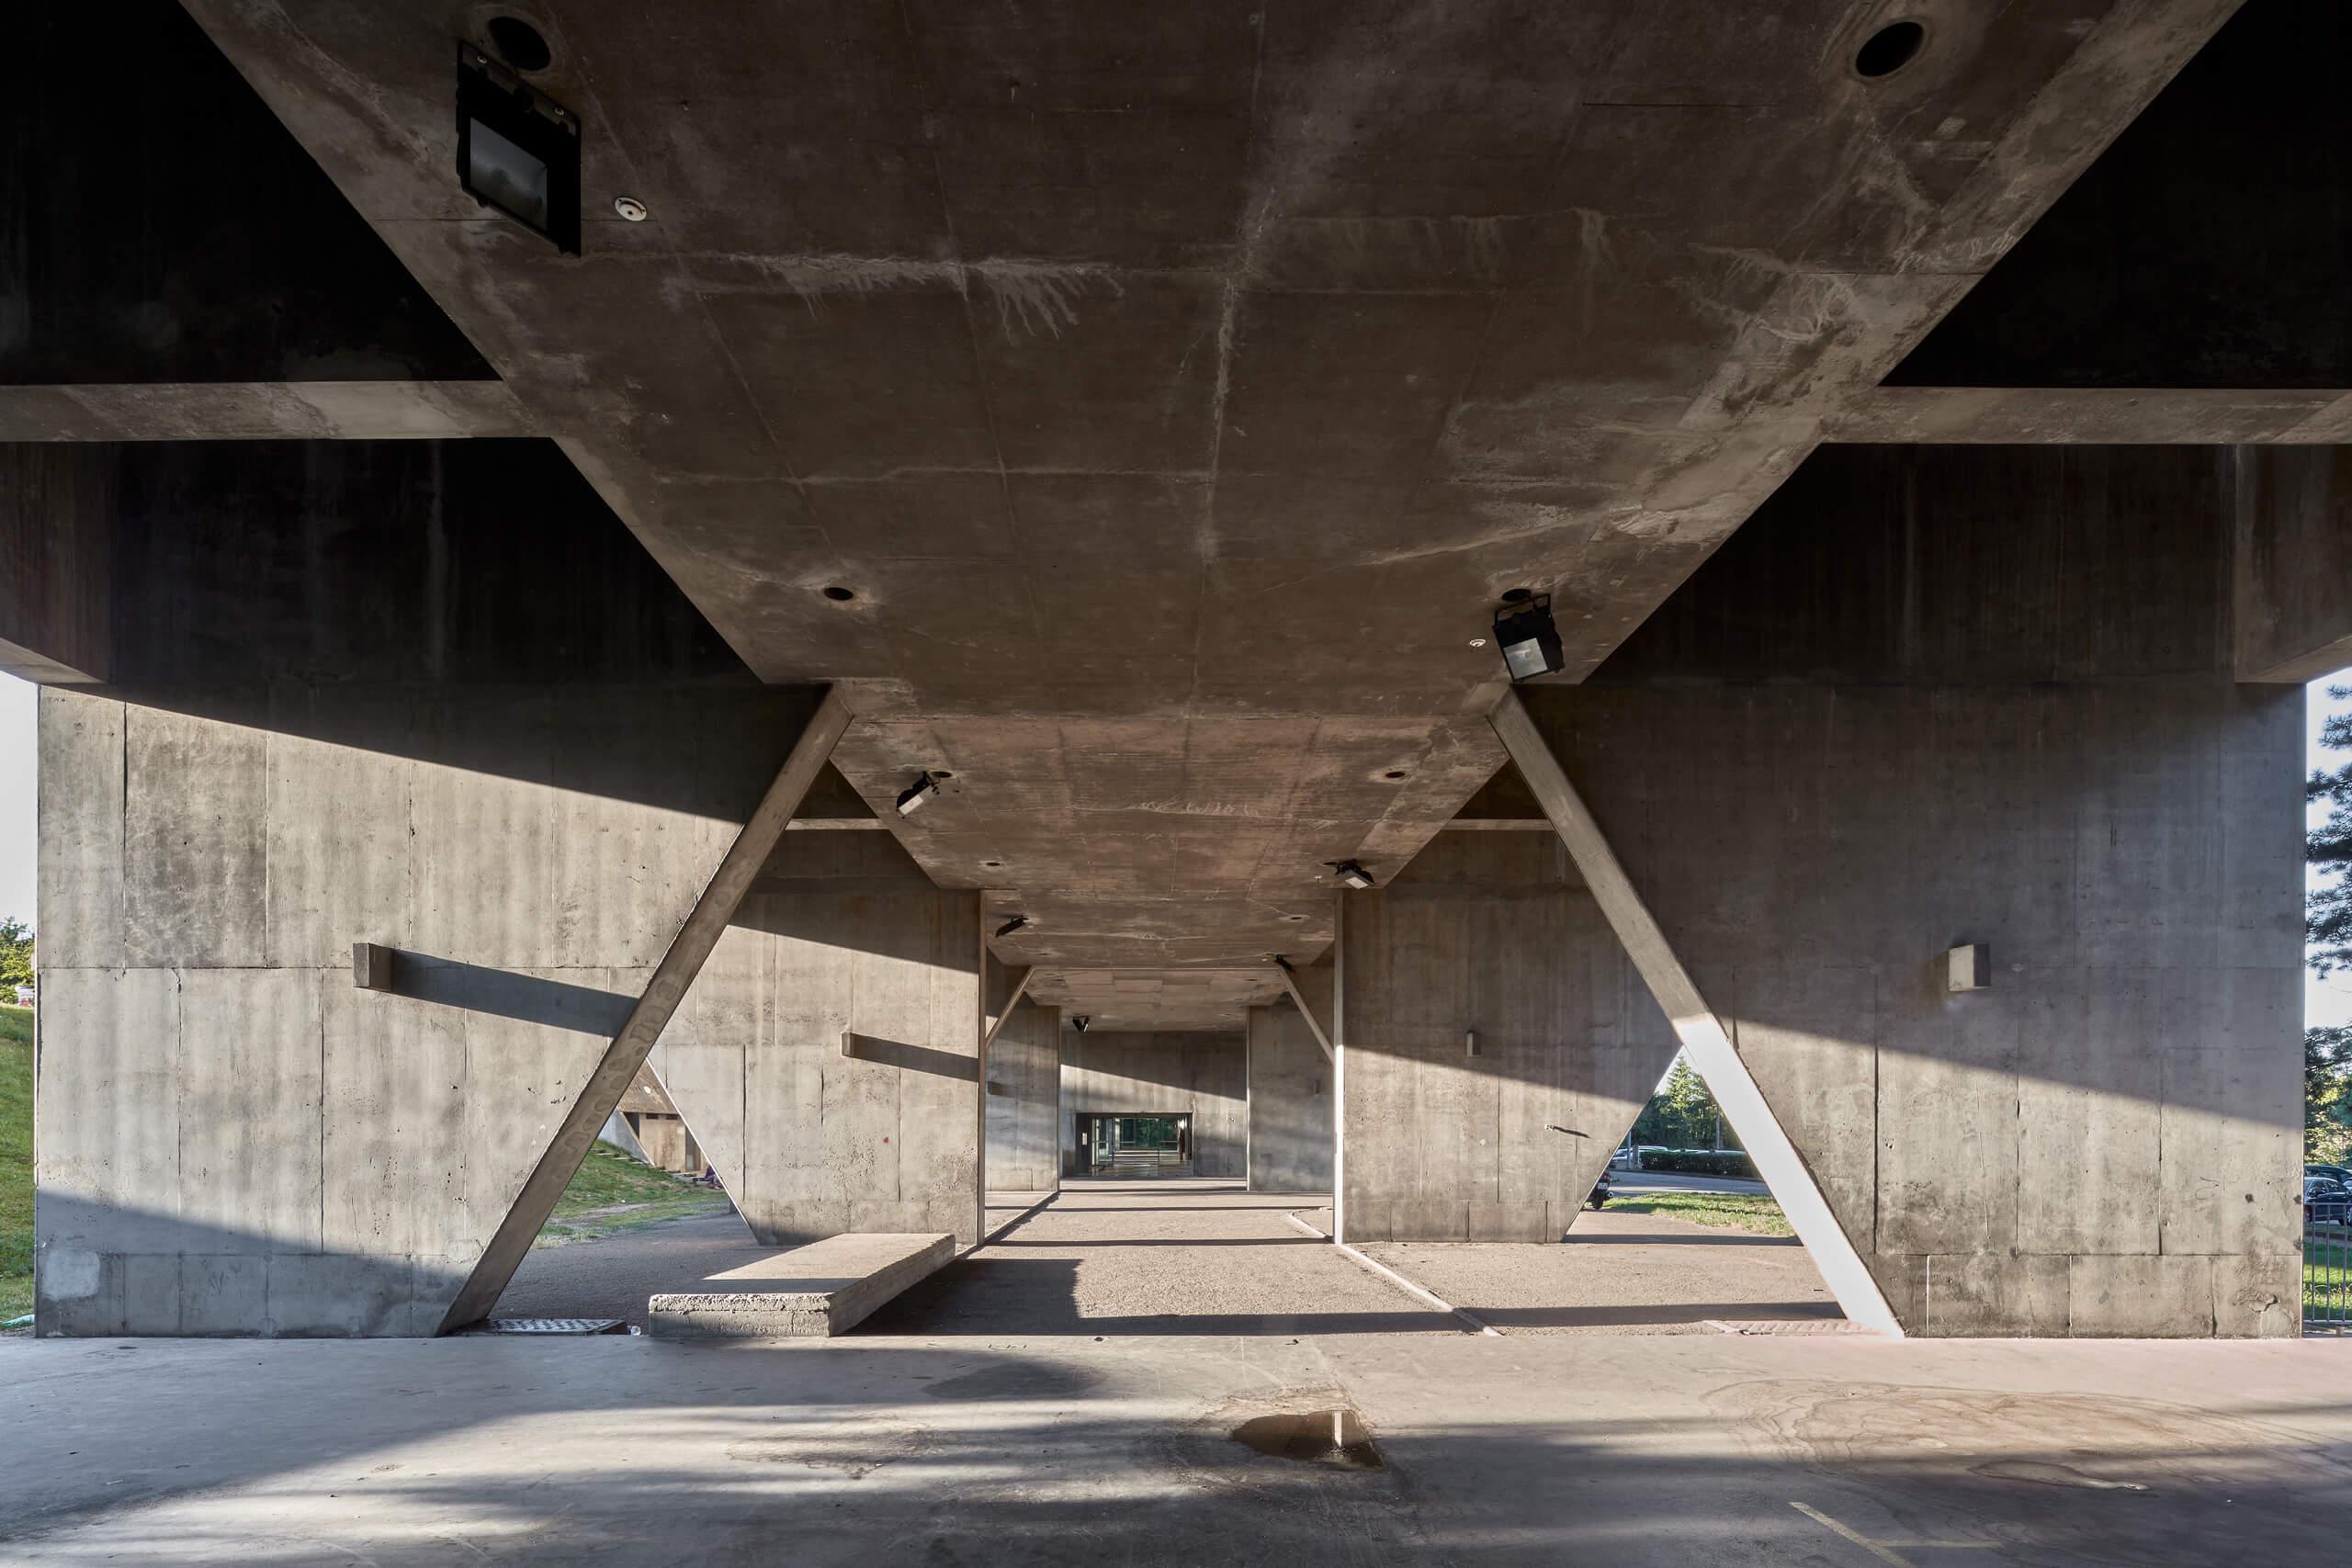 Federico_Covre_Unité_Firminy_Le_Corbusier_2018_16